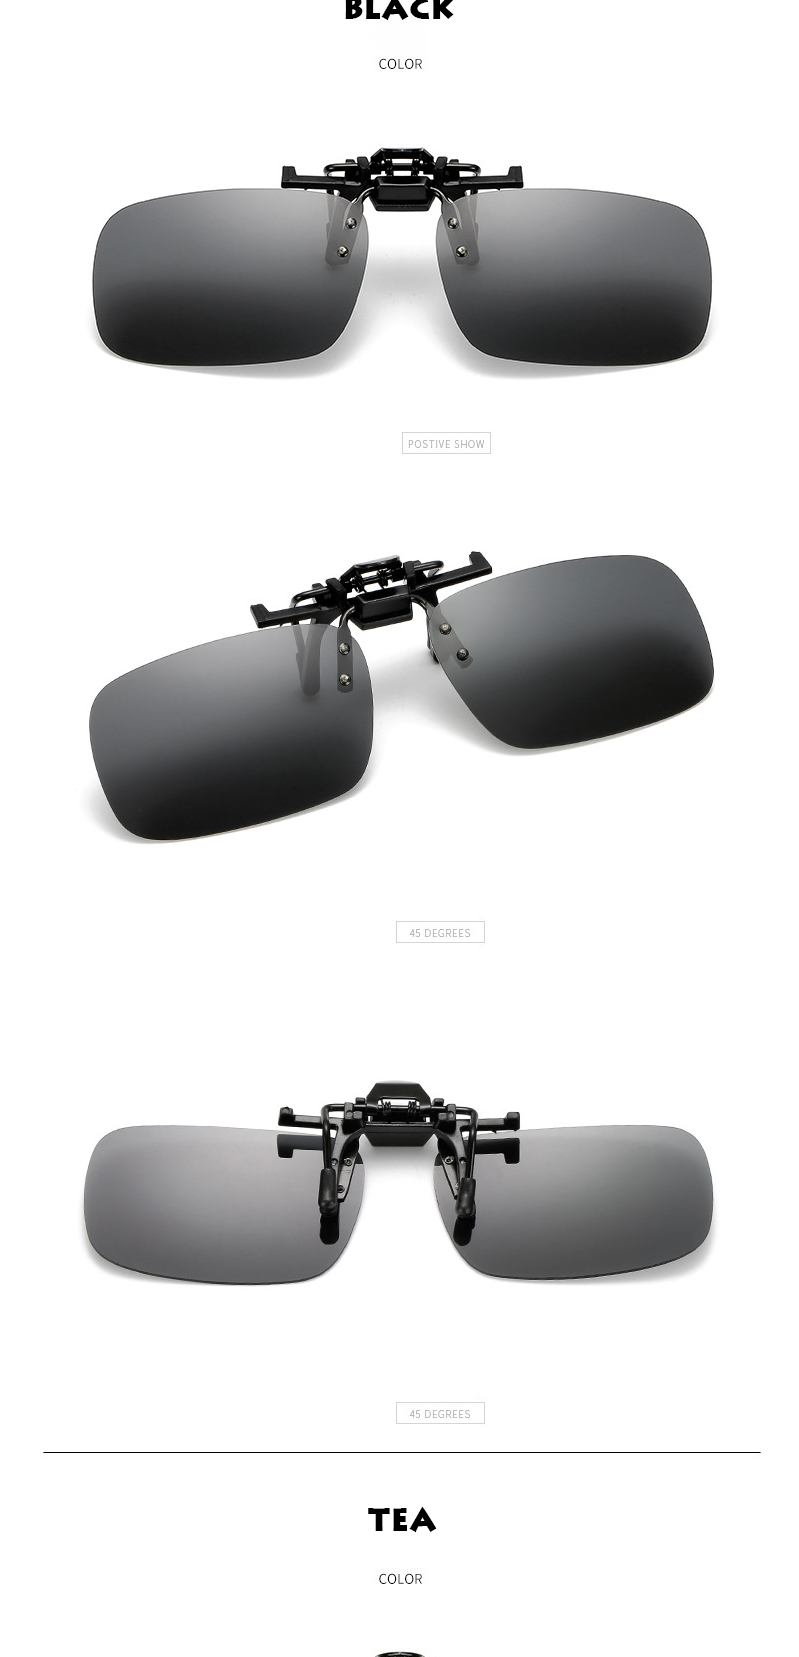 偏光太阳镜_近视偏光太阳镜夹片眼镜司机驾驶夜视镜男女偏光墨镜---阿里巴巴_05